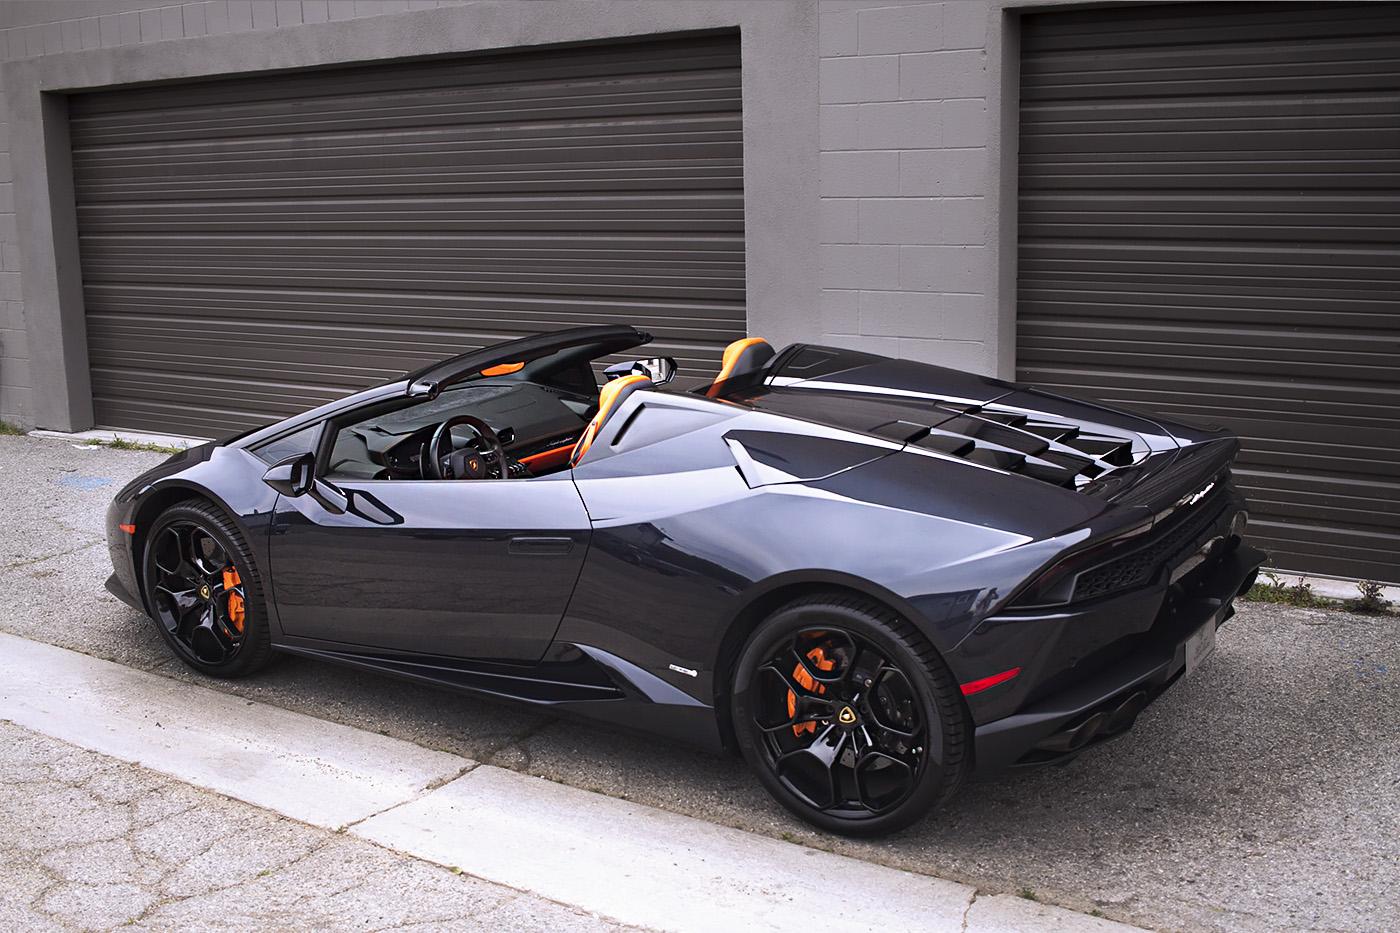 LamborghiniHuracanSpyder_02.jpg